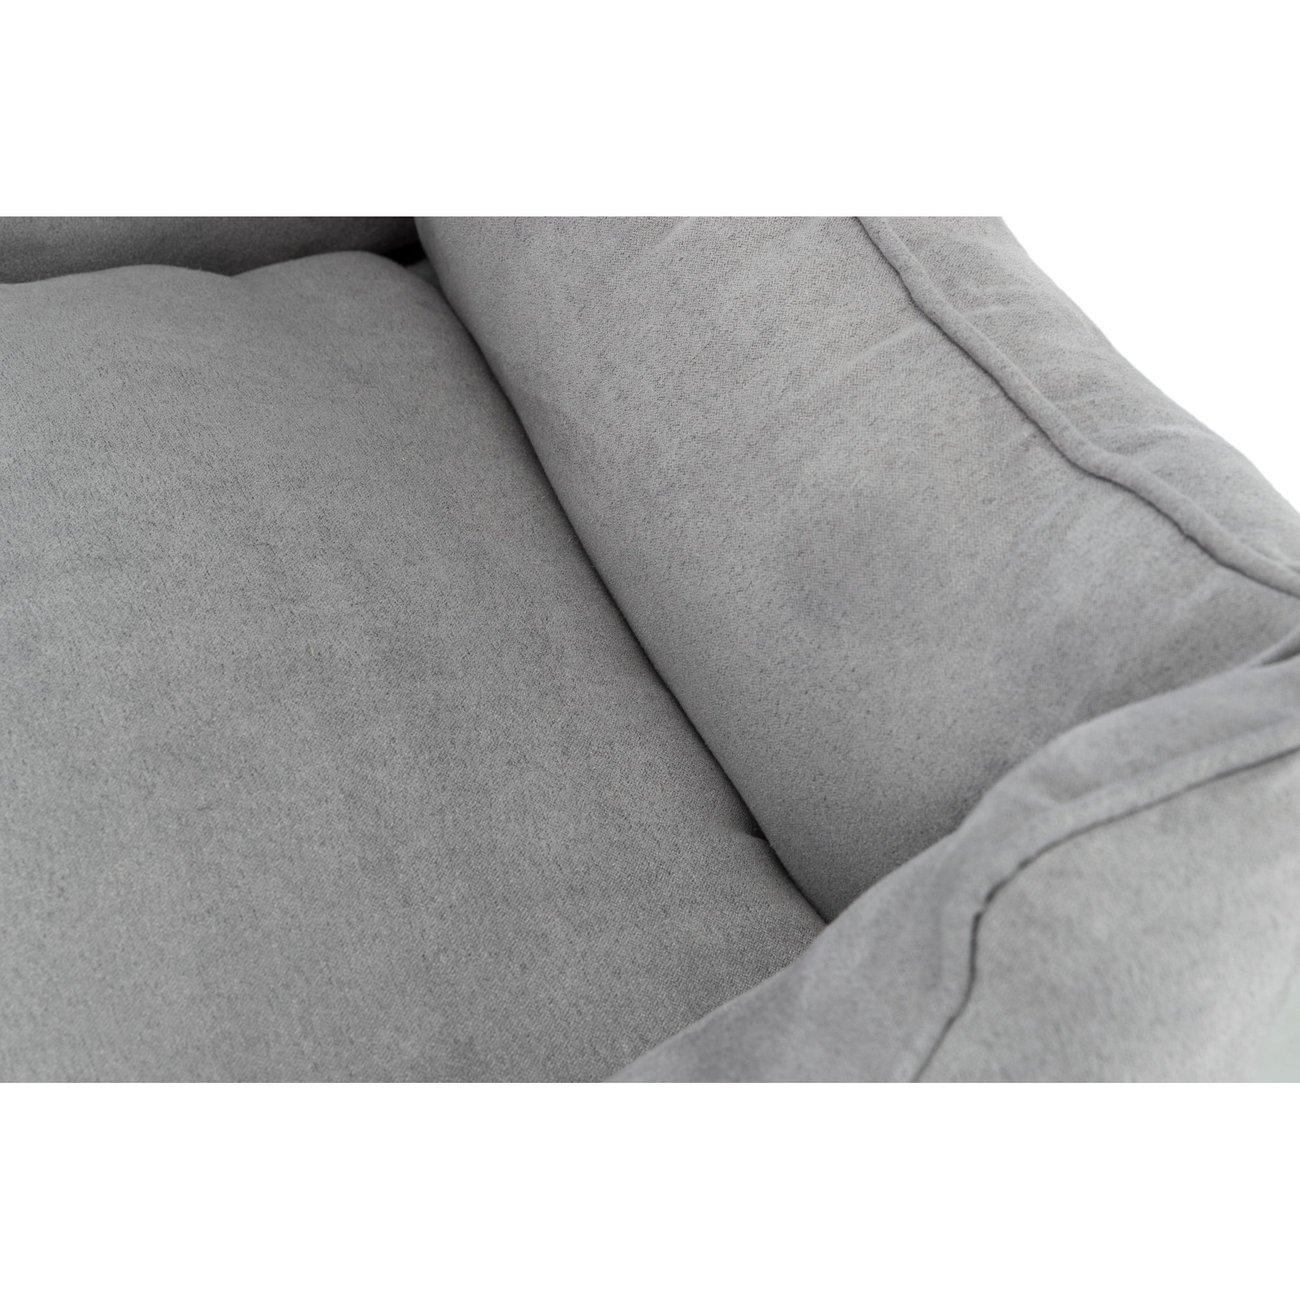 TRIXIE Wärmebett für Hunde Fendro 37517, Bild 3